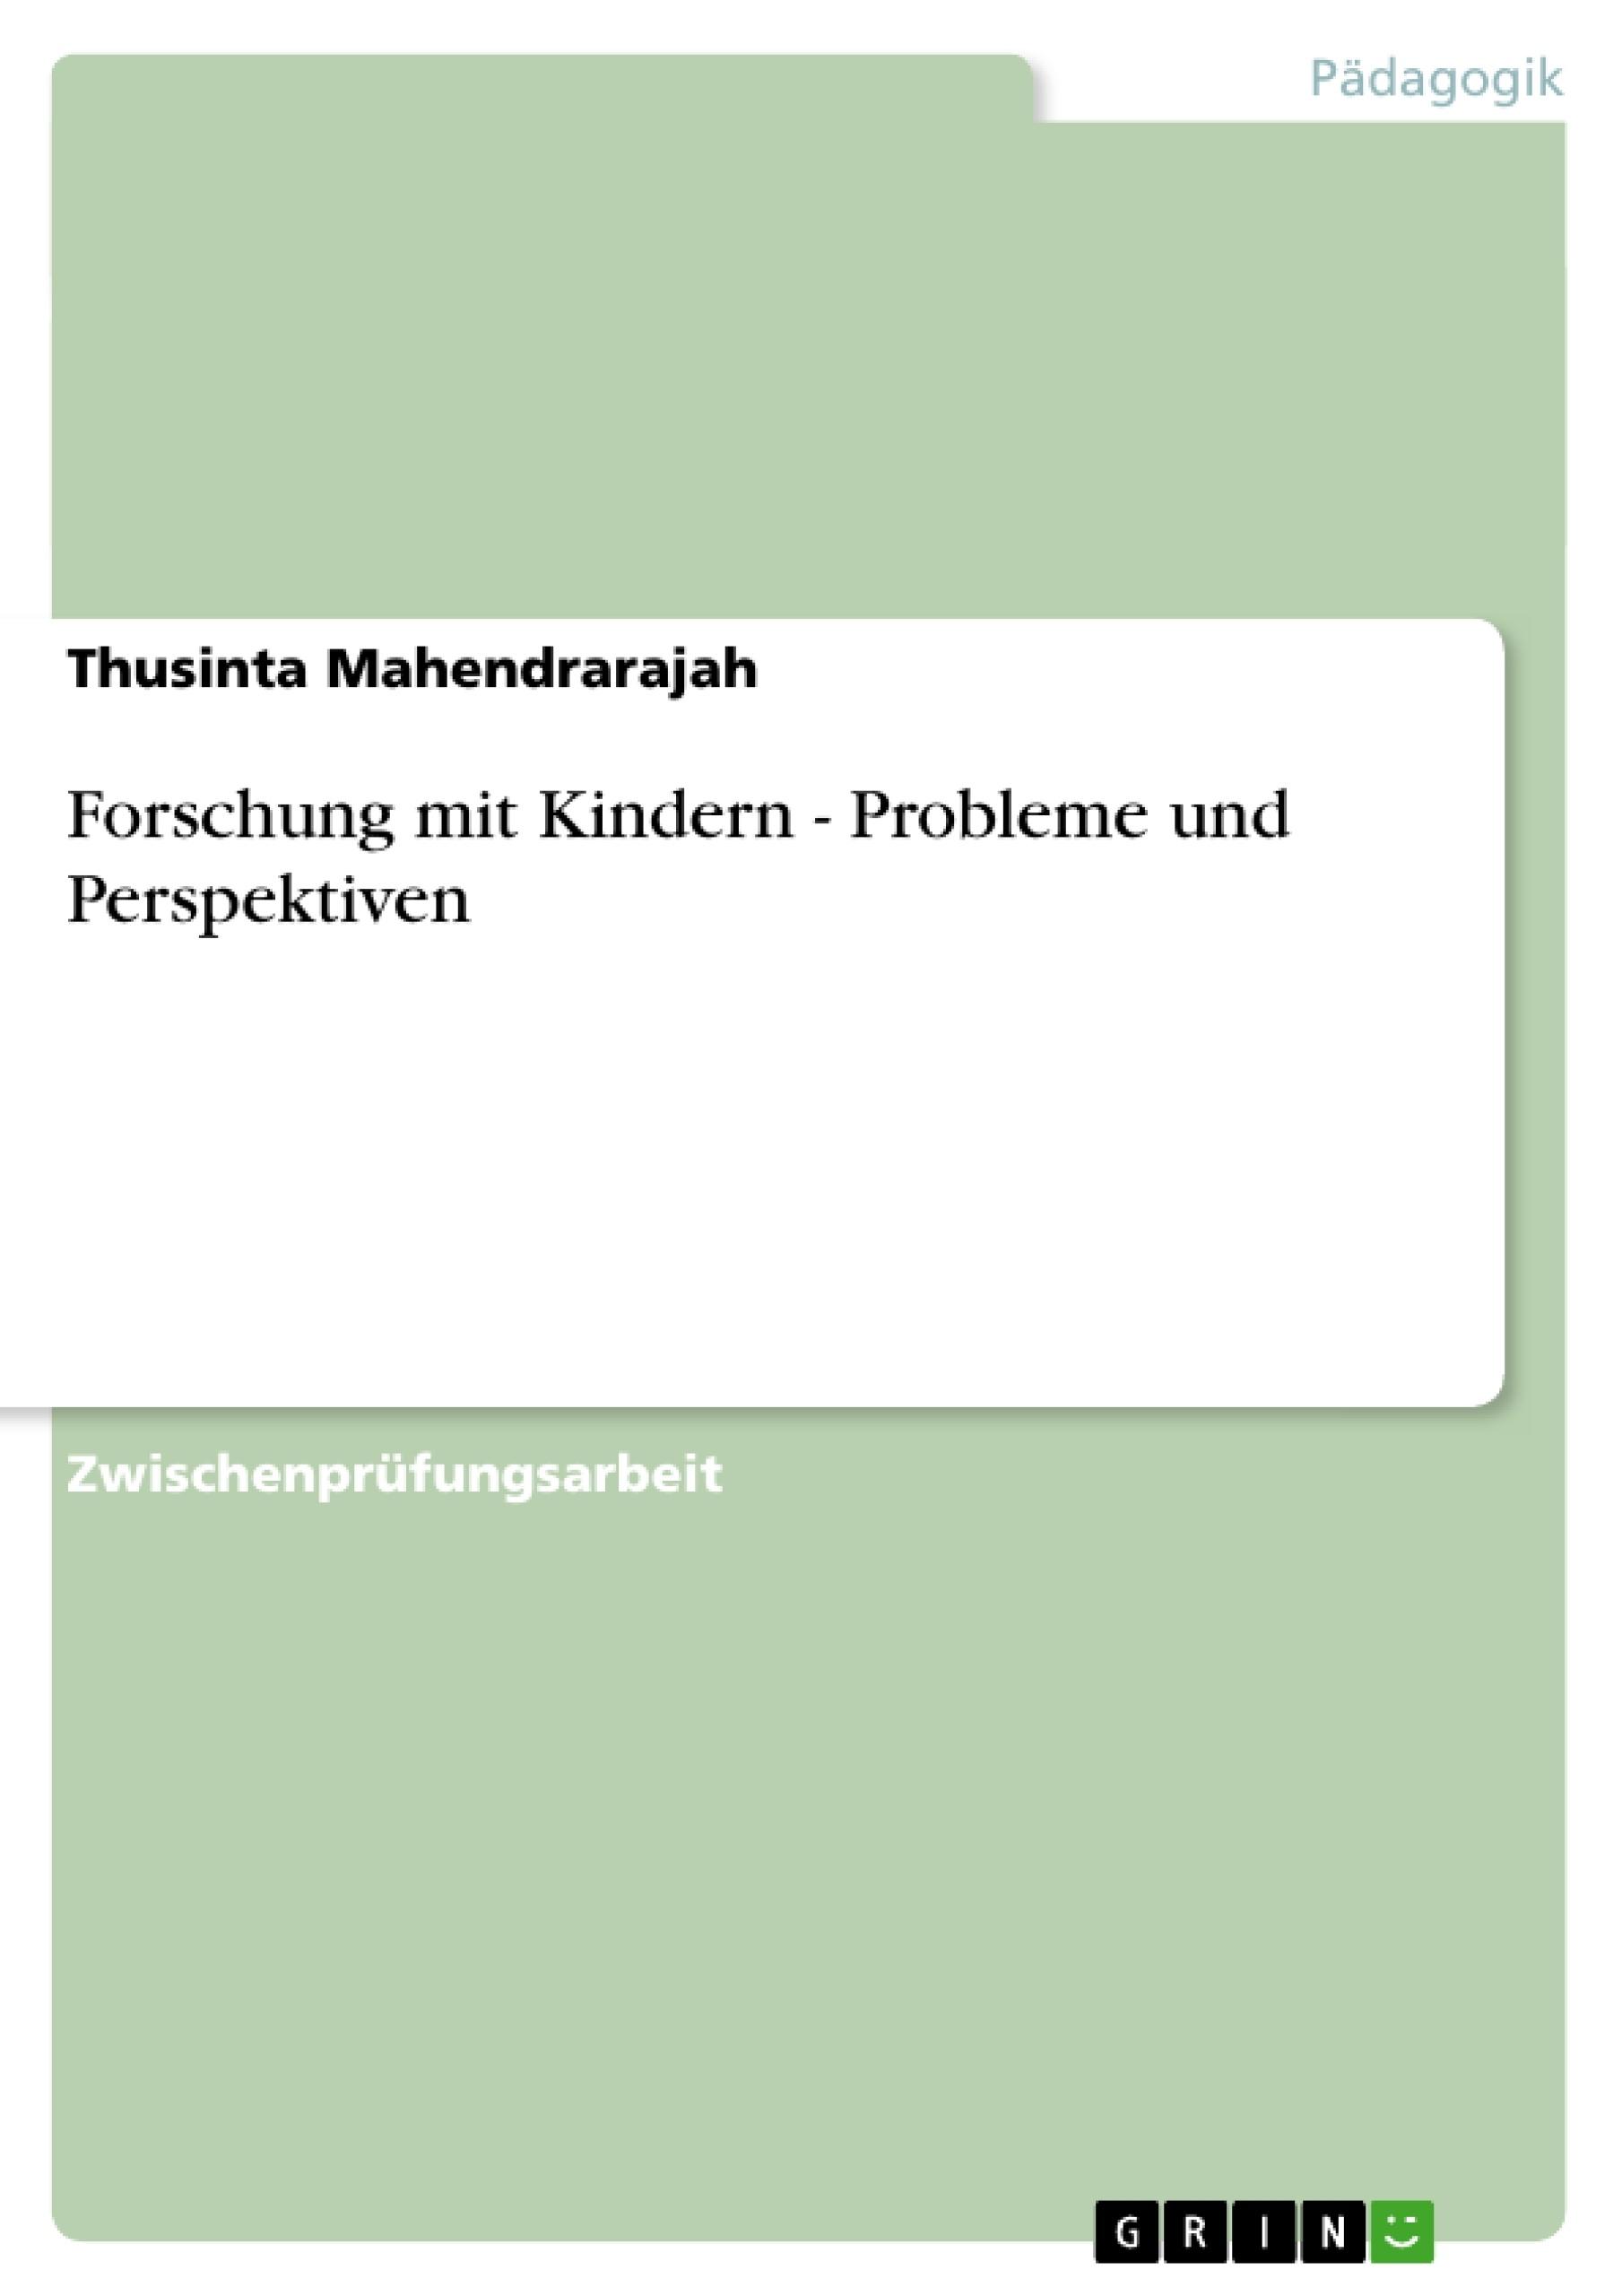 Titel: Forschung mit Kindern - Probleme und Perspektiven